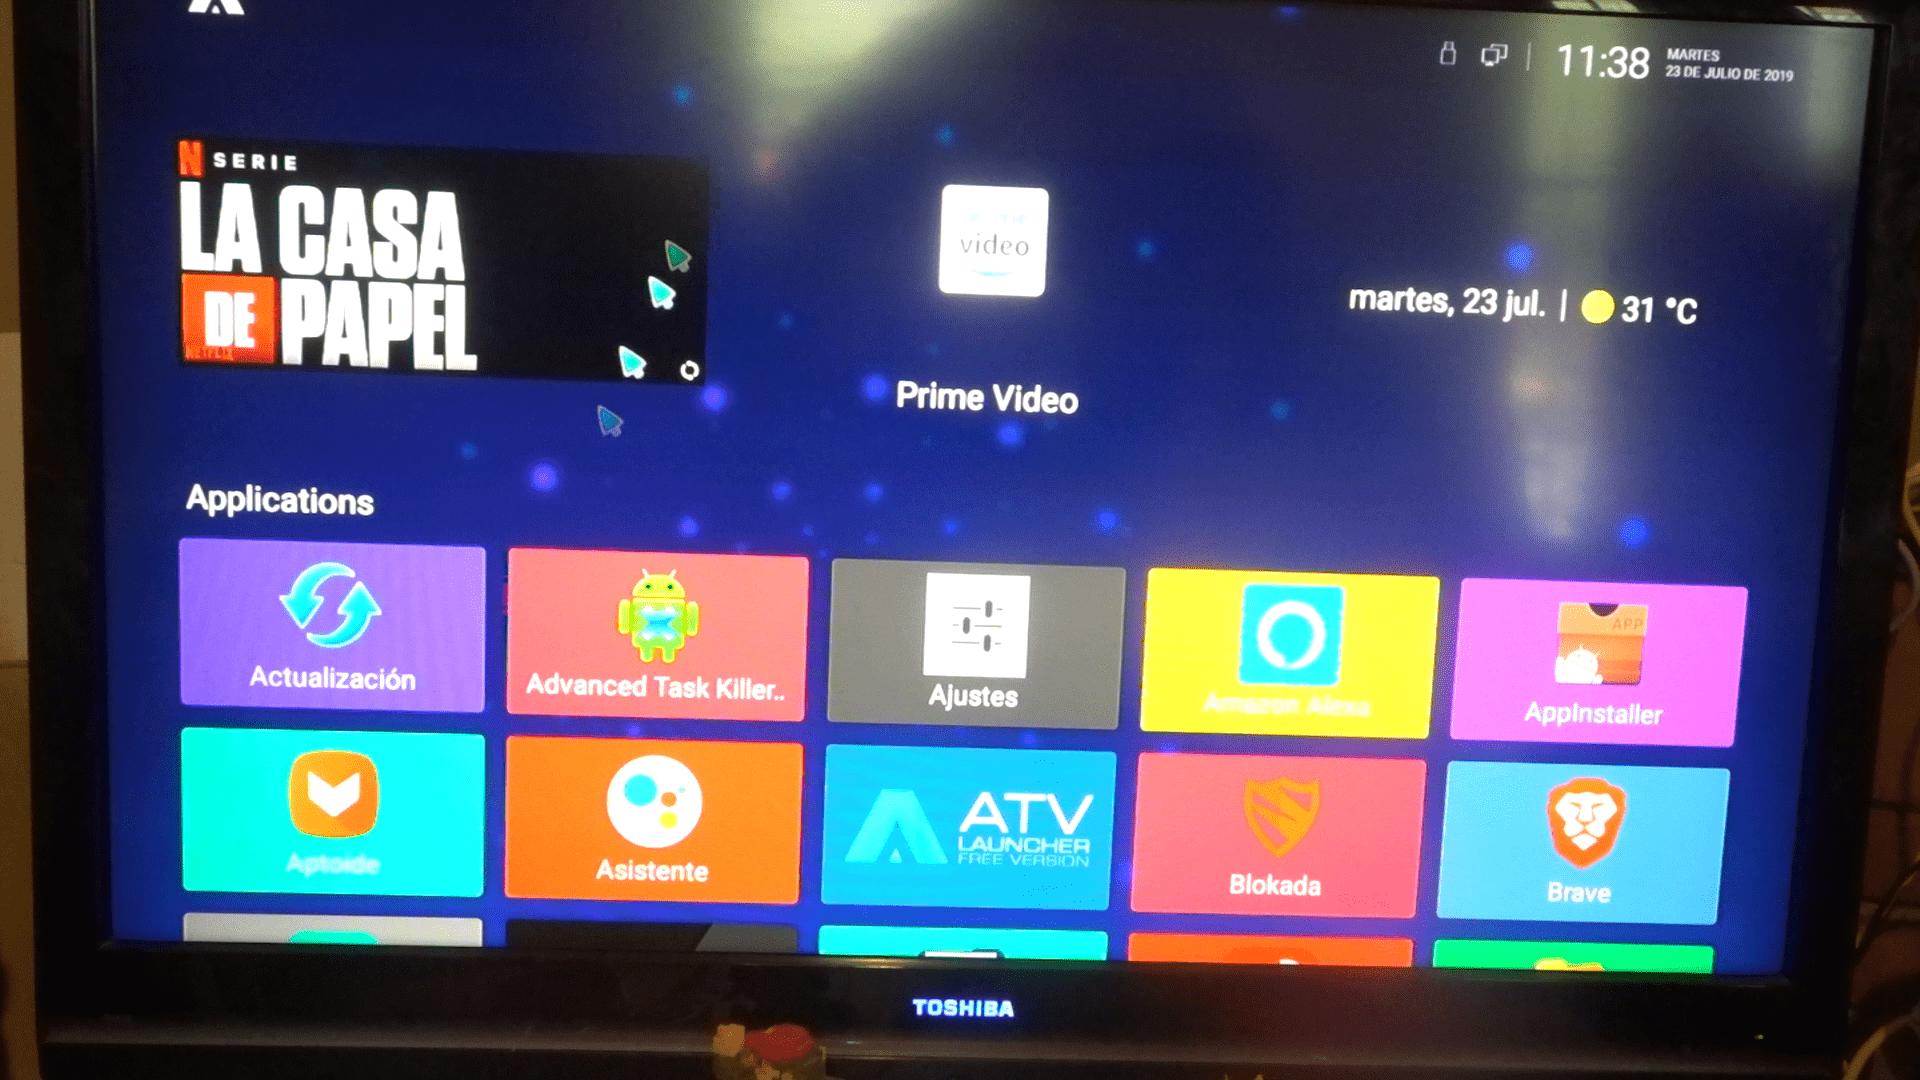 Cómo Cambiar La Apariencia A Tu Tv Box